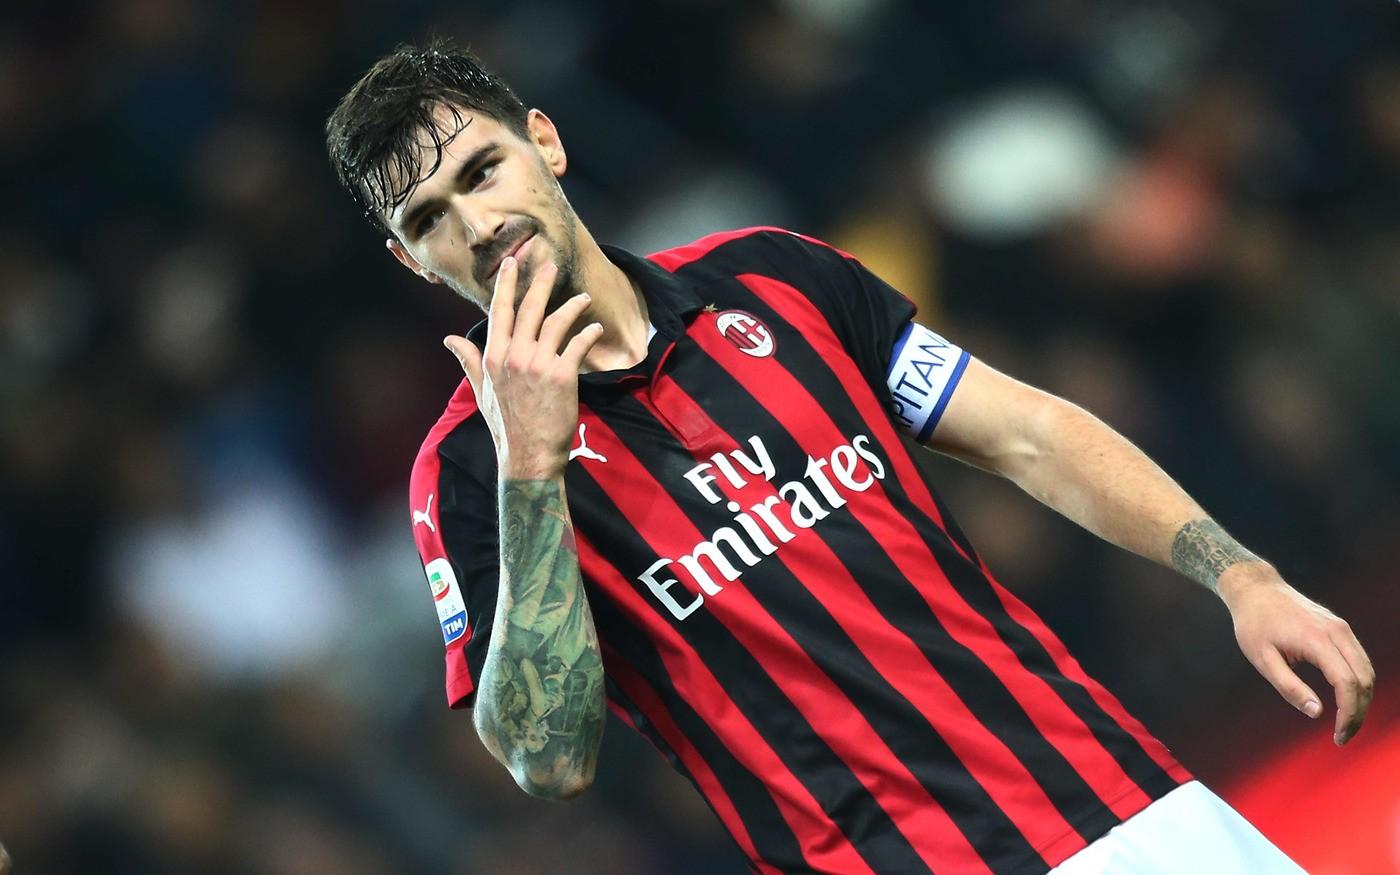 Serie A 30^ giornata, le probabili formazioni: il Milan cambia modulo ...